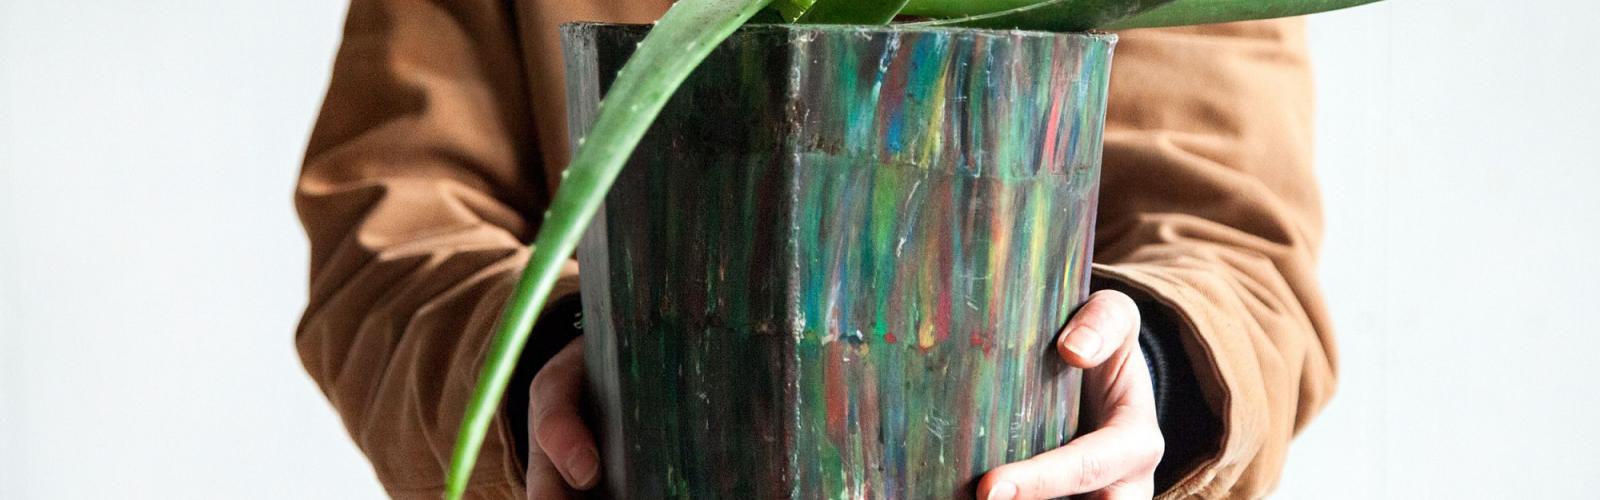 bloempot van gerecycleerd plastic